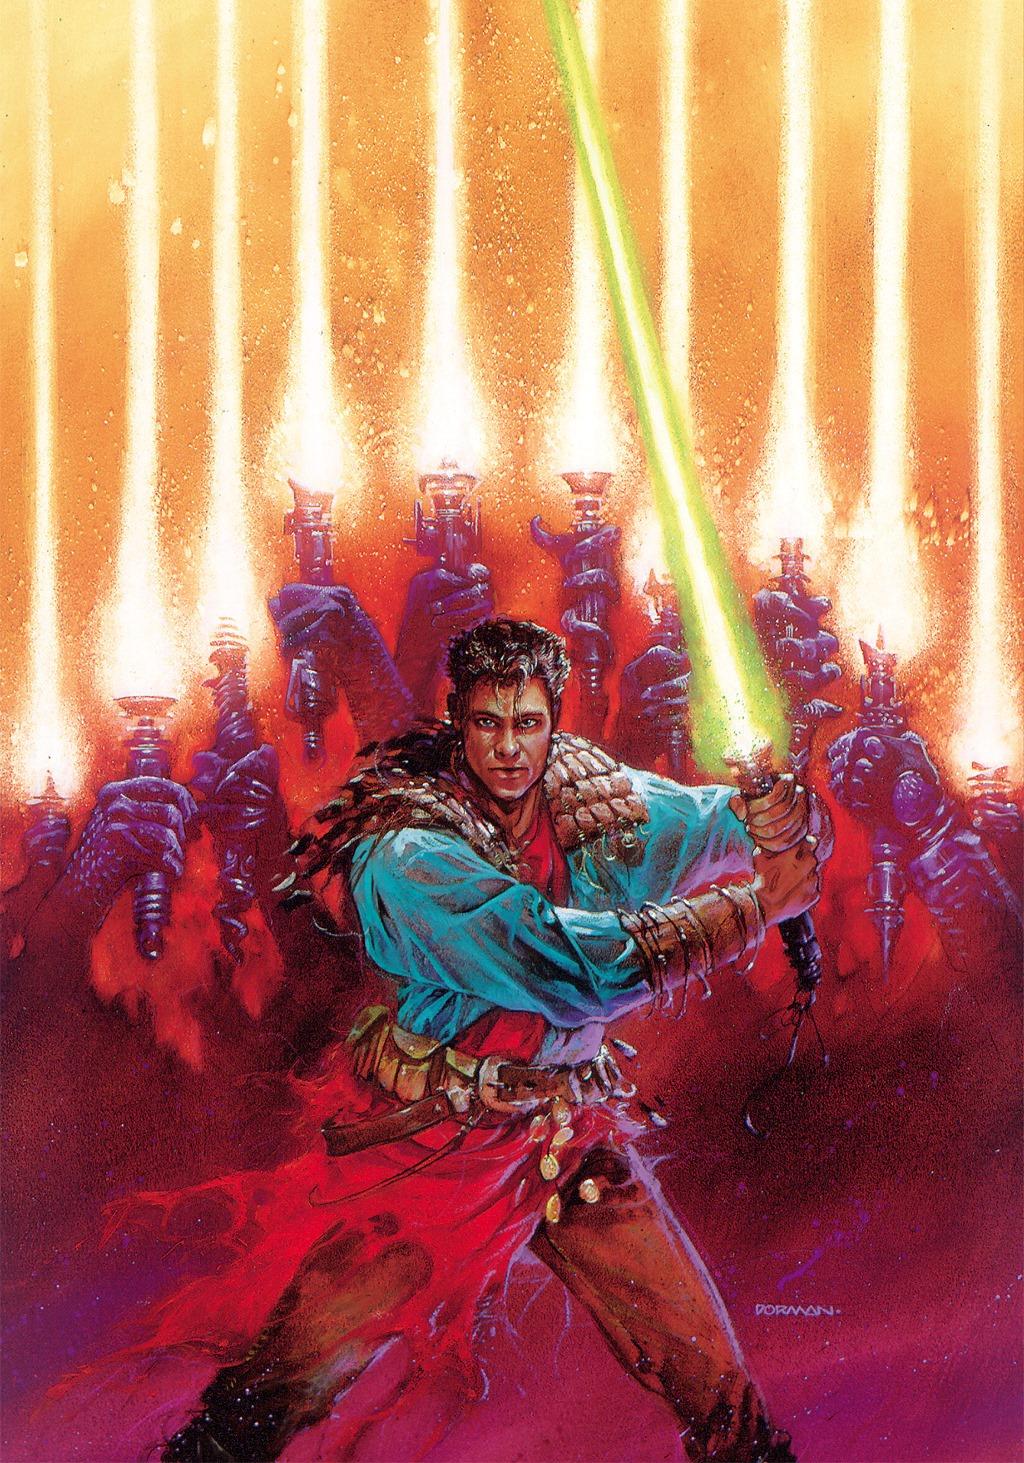 スター・ウォーズ:ジェダイ物語 ウリック・ケル=ドローマとオンダロンのビースト戦争